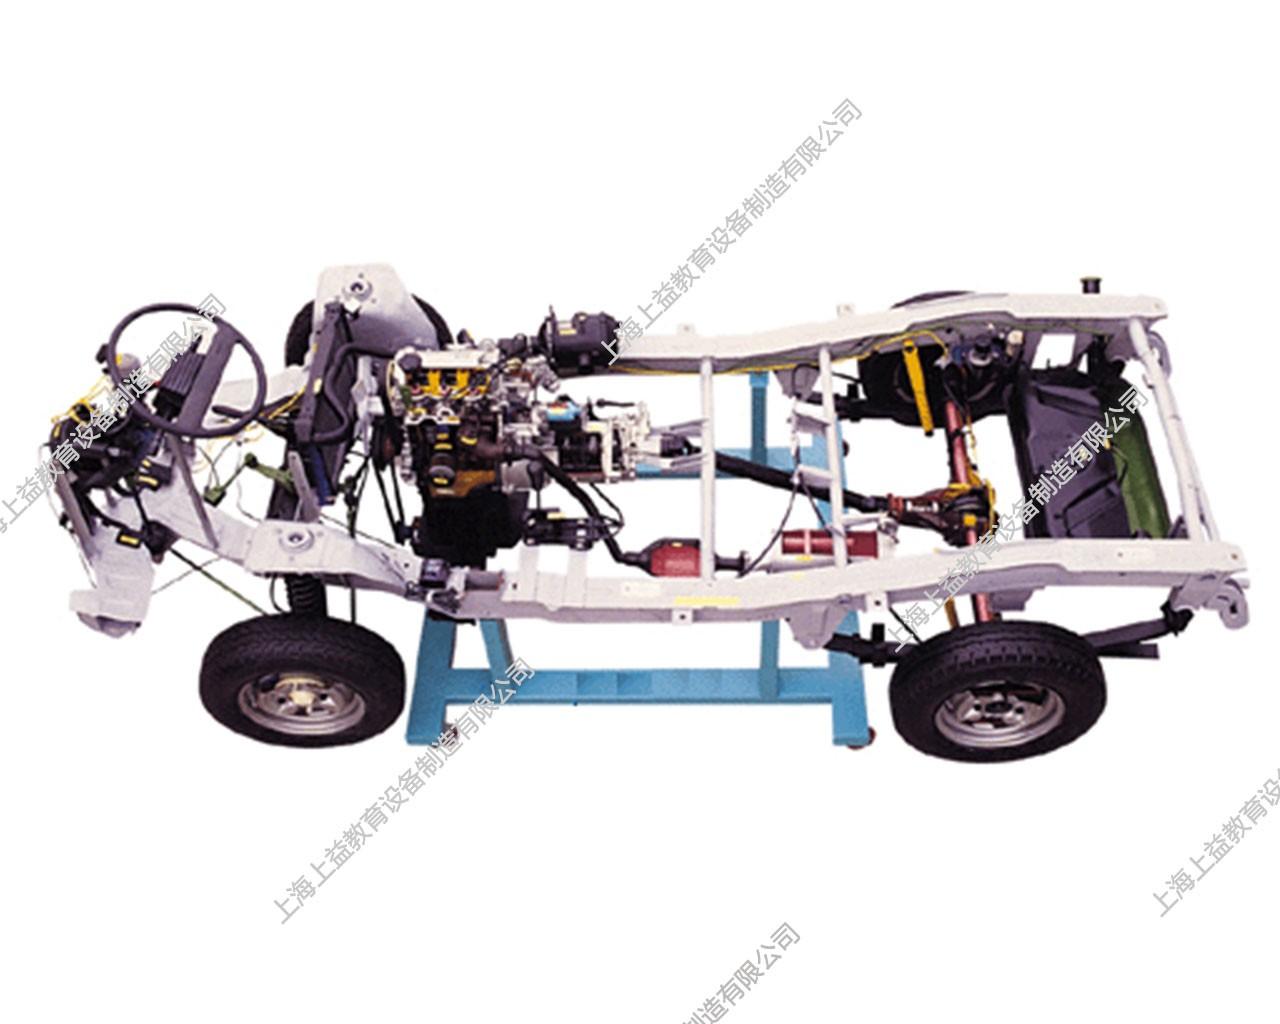 汽车综合原车底盘解剖模型(小货车)